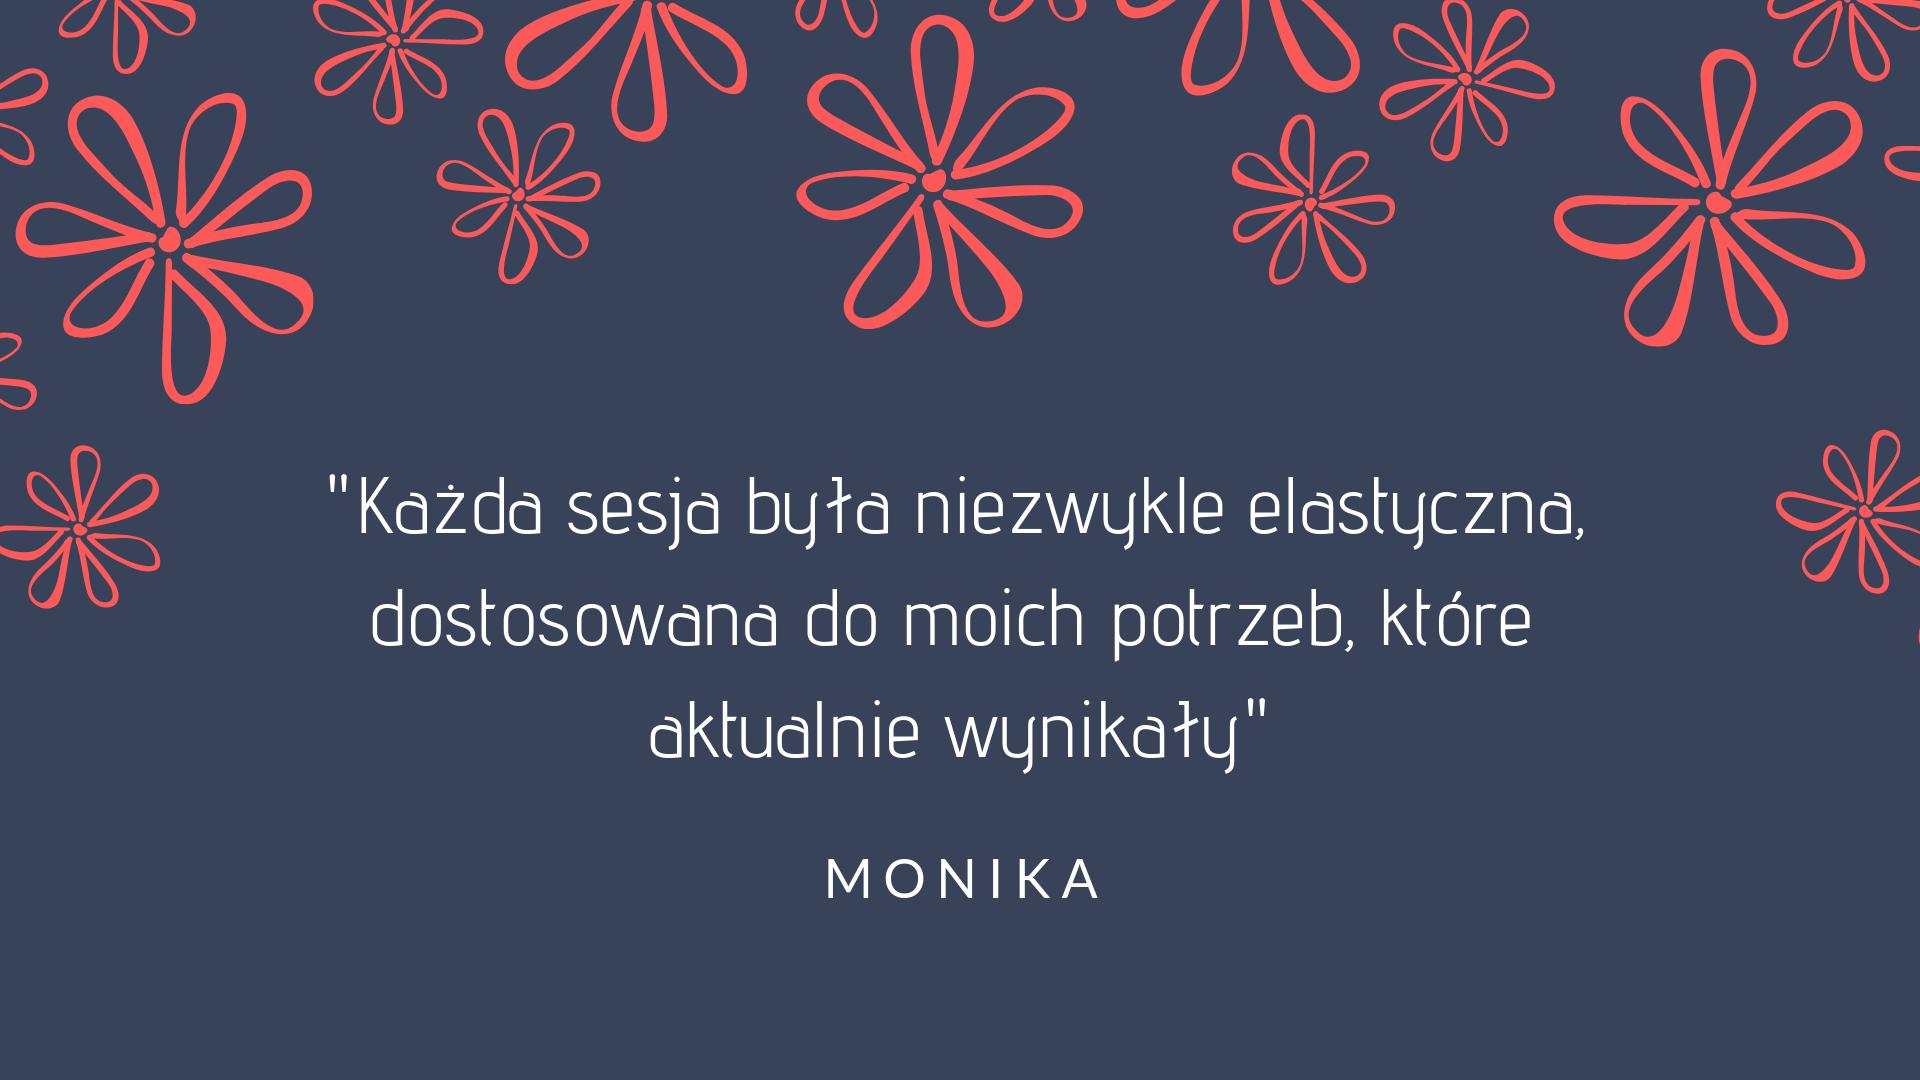 Rekomendacja_Monika.png